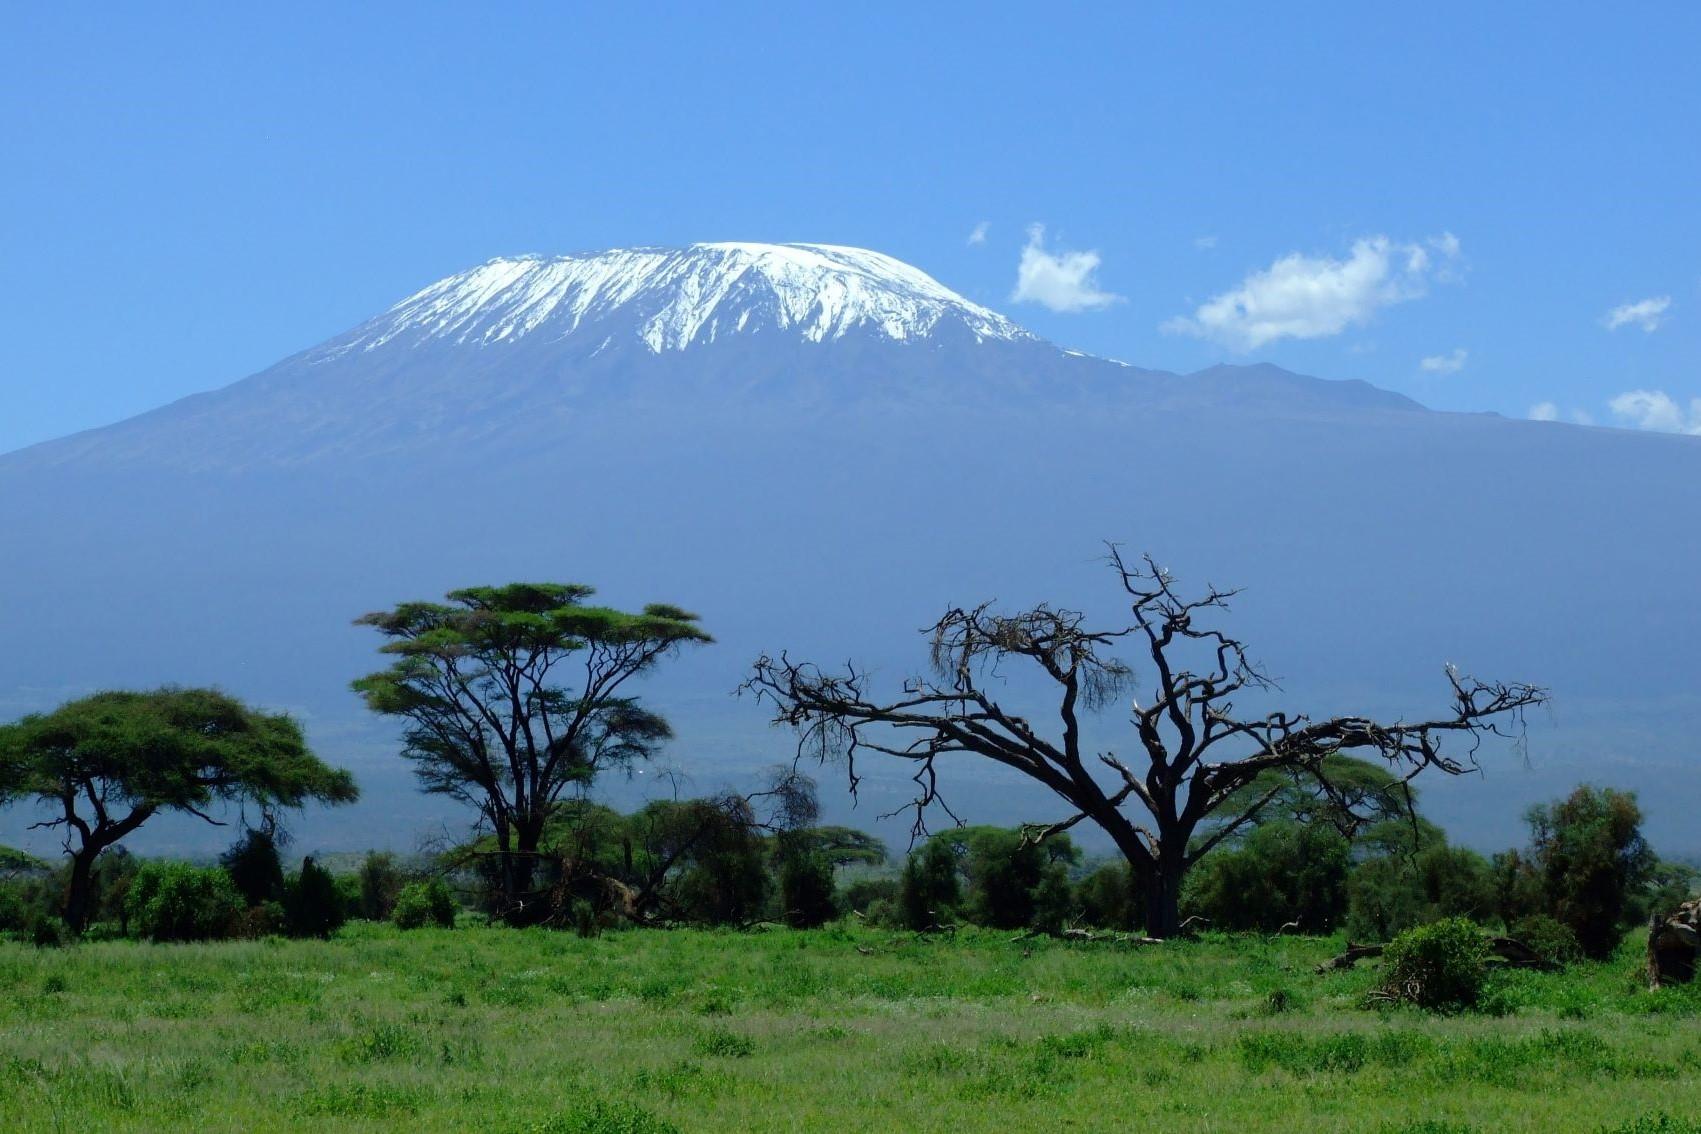 El corazón de África. Tanzania. NUBA everywhere. Kilimanjaro